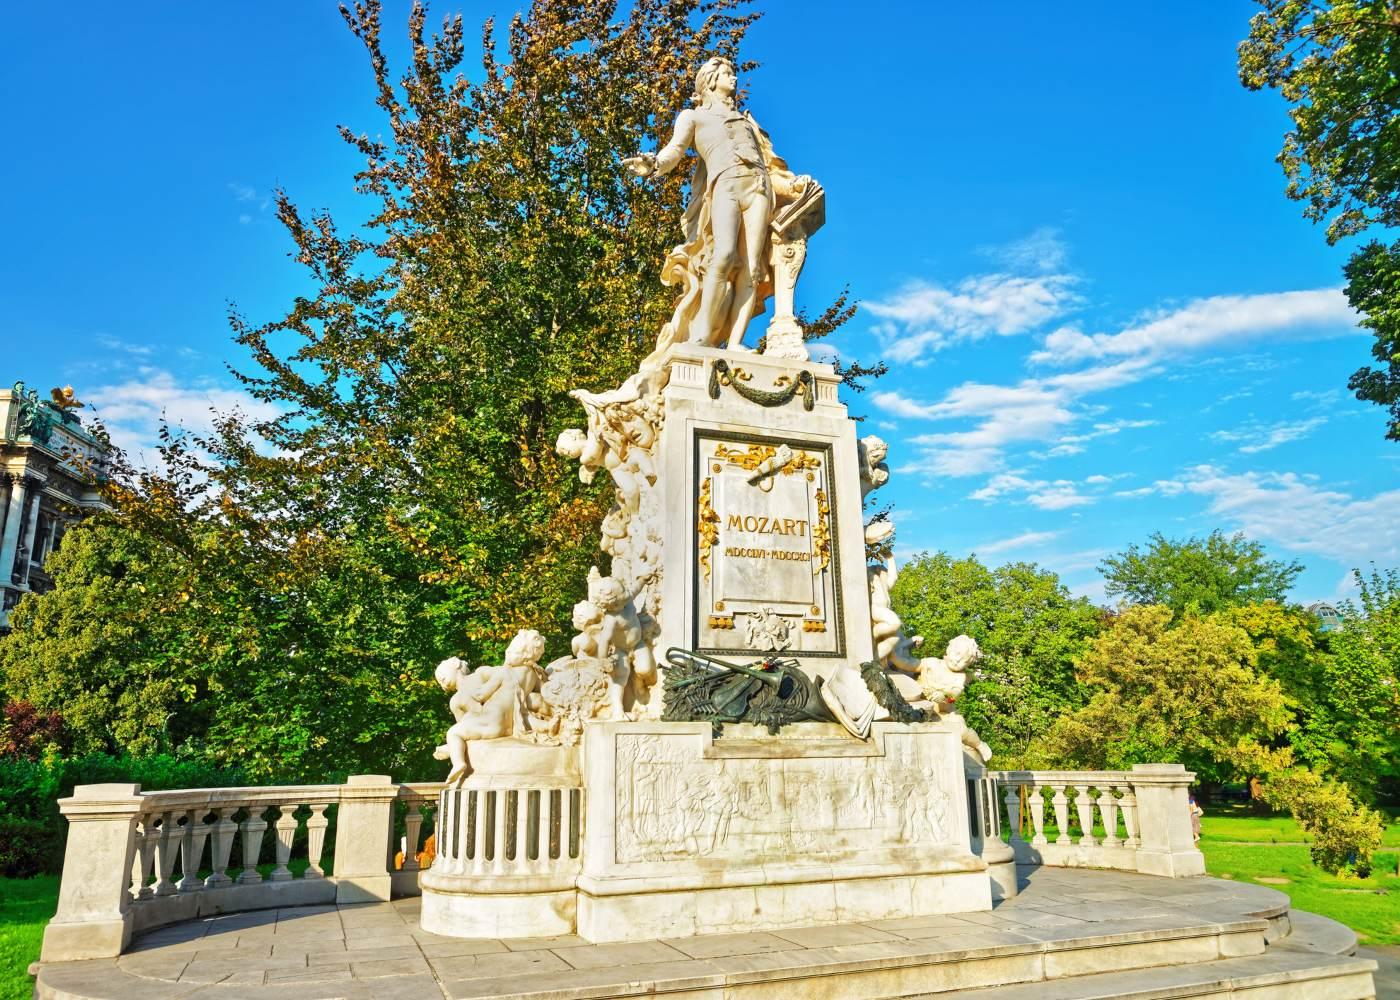 Estátua de Mozart em Viena